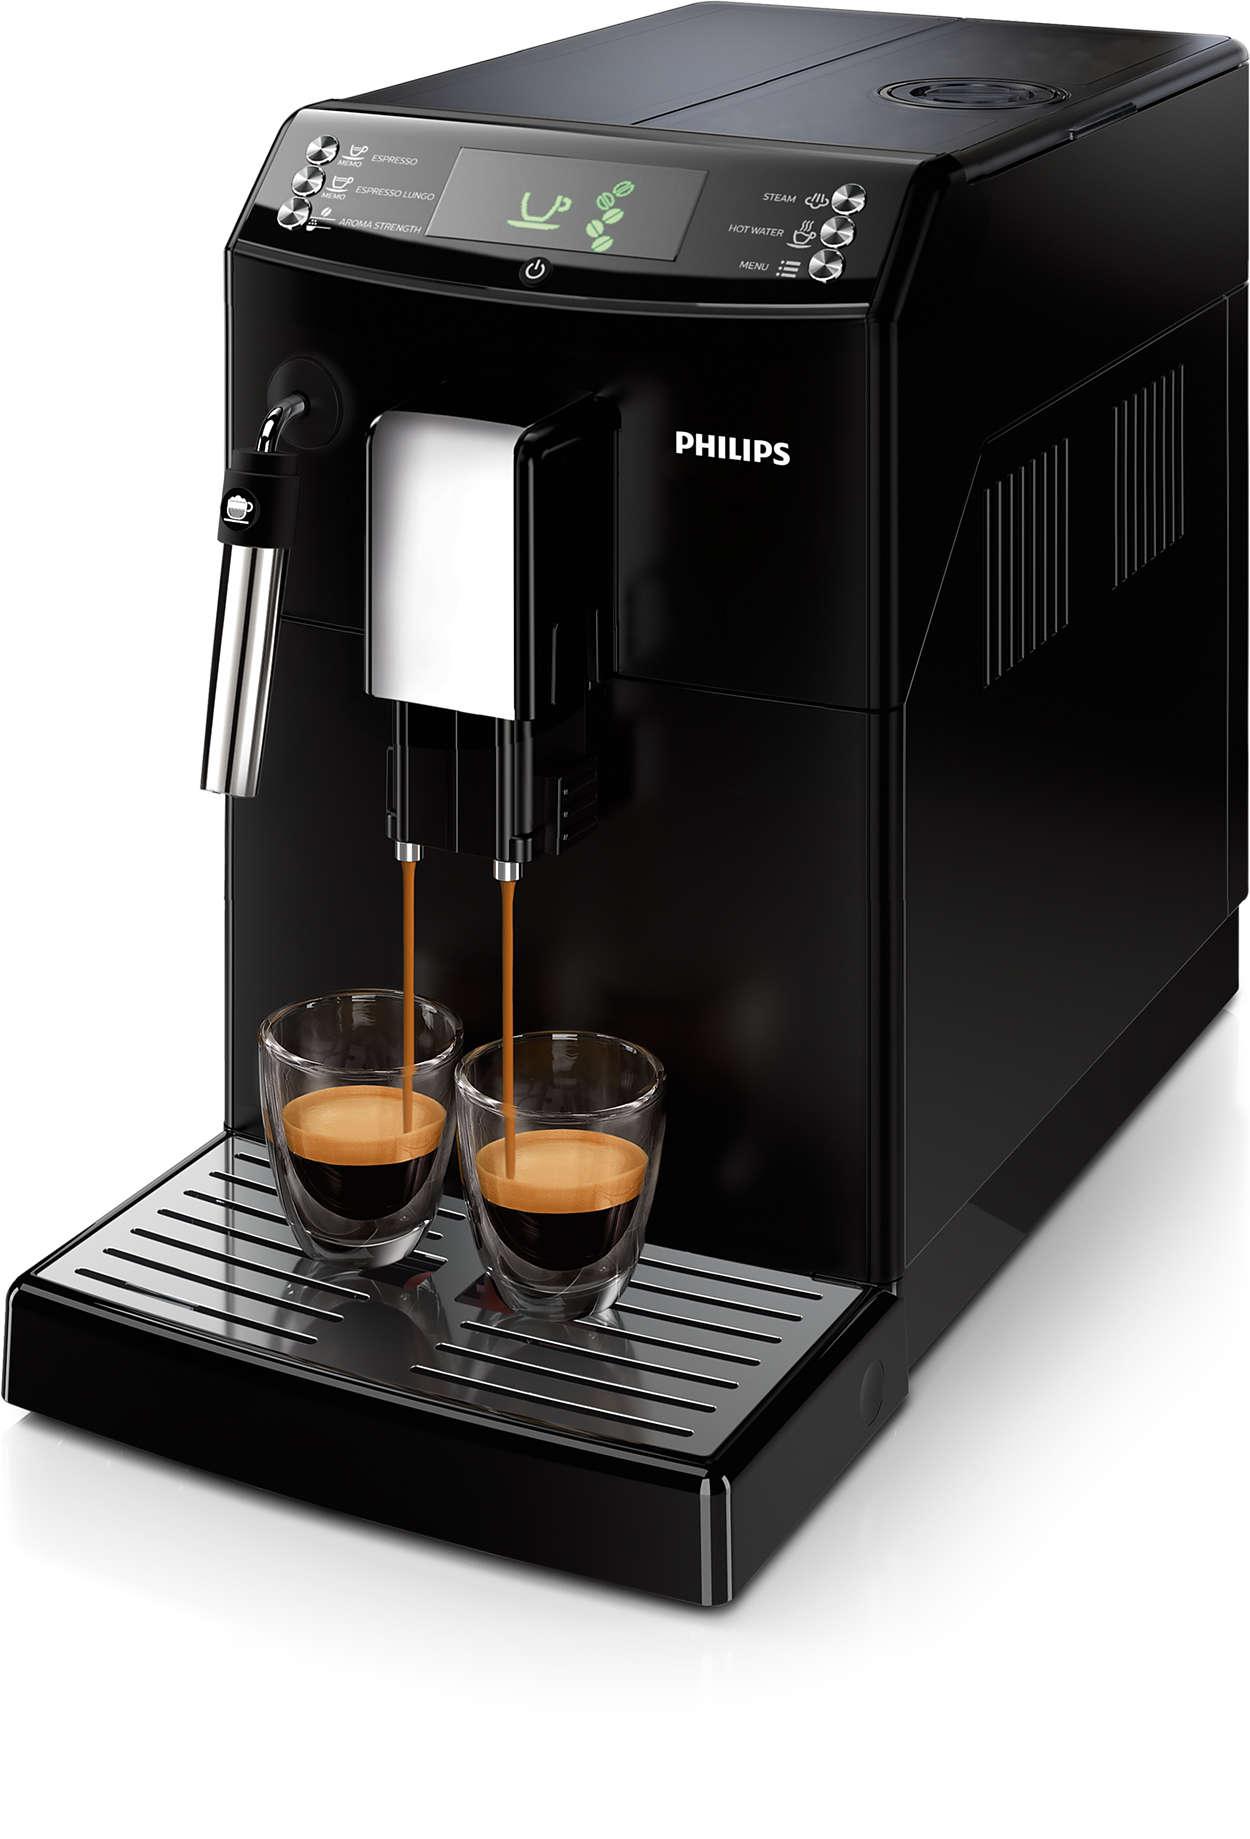 Káva jedním dotykem, přesně podle vašich představ